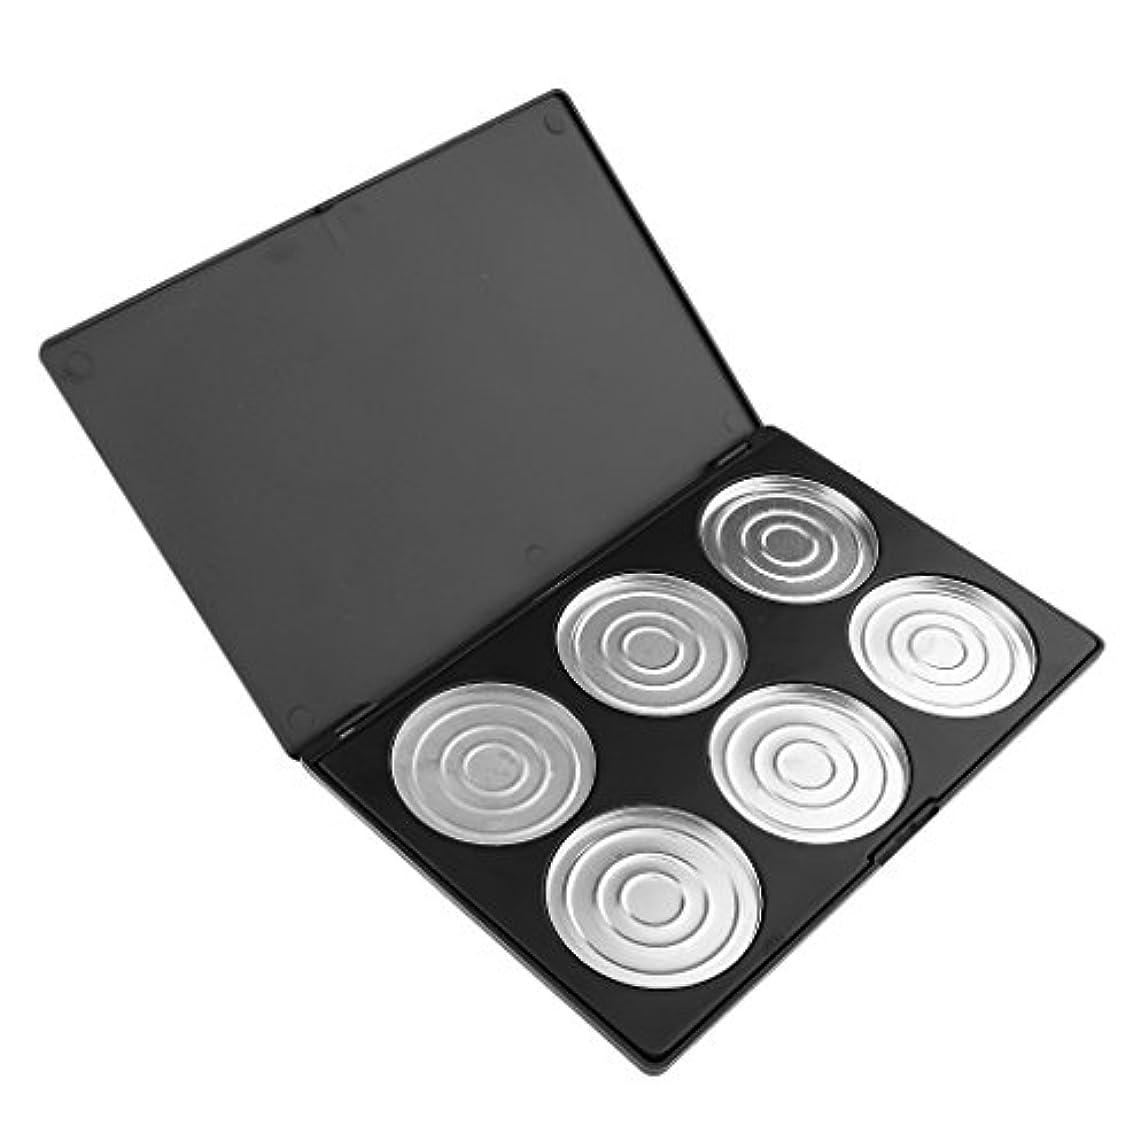 かみそり正確さキッチン12グリッド メイク 空 アイシャドーブラッシャー リップグロス パレット 化粧品 全2種類 - 6色収納ケース